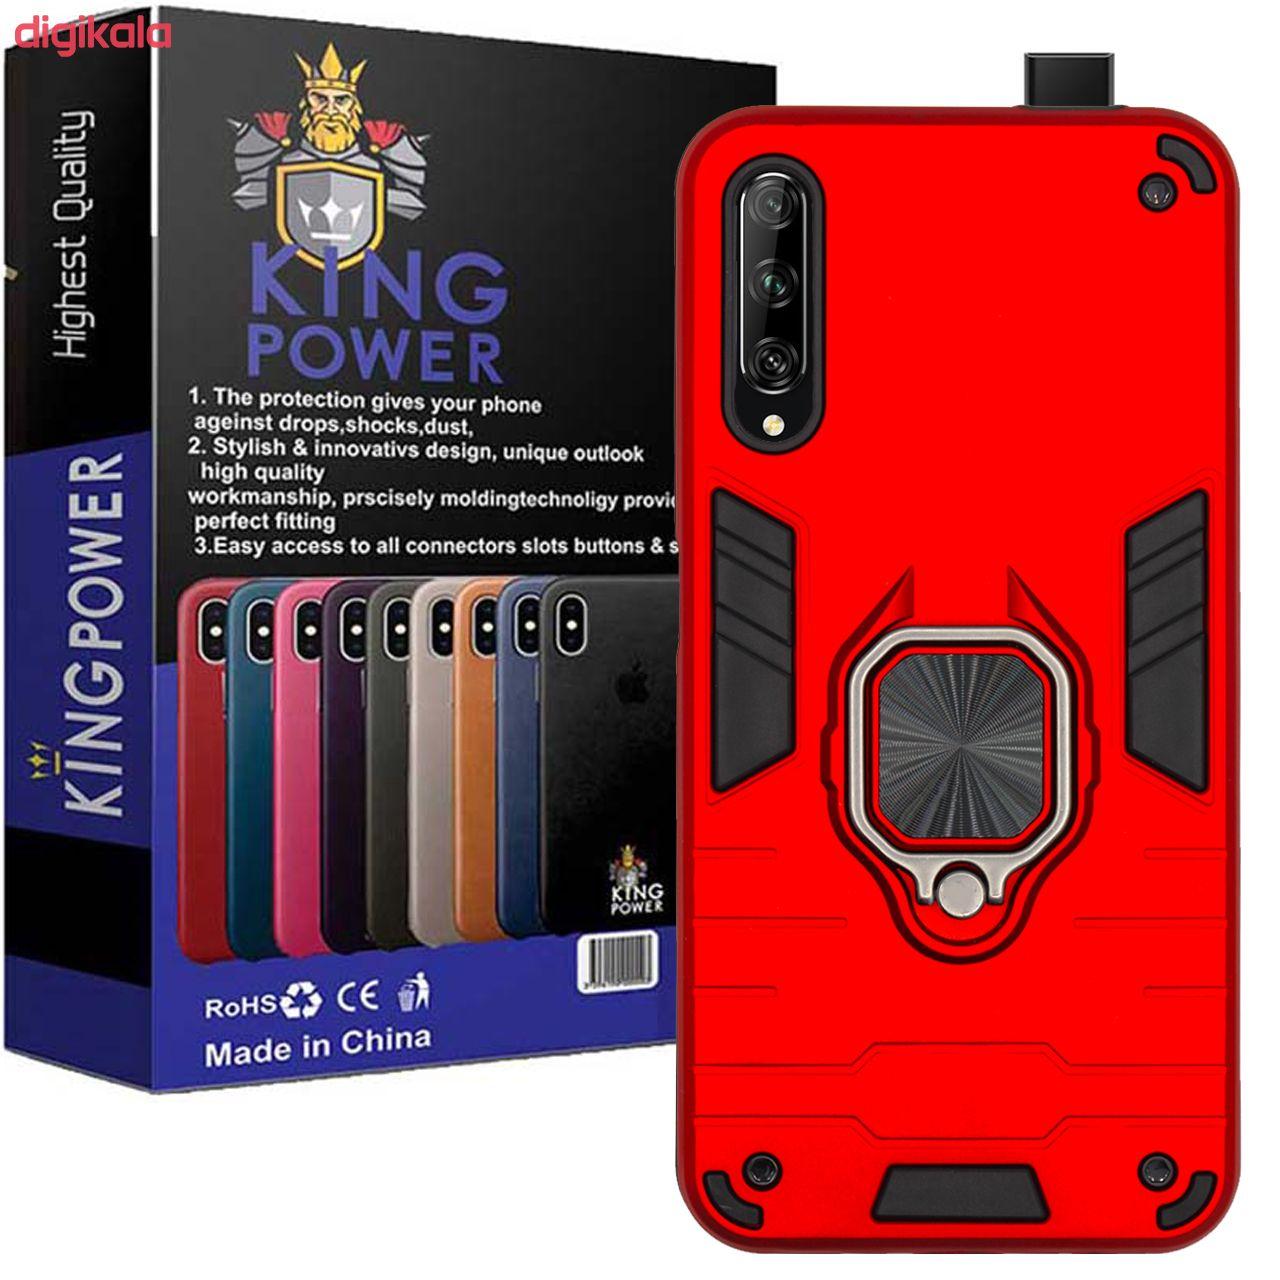 کاور کینگ پاور مدل ASH22 مناسب برای گوشی موبایل هوآوی Y9s main 1 2